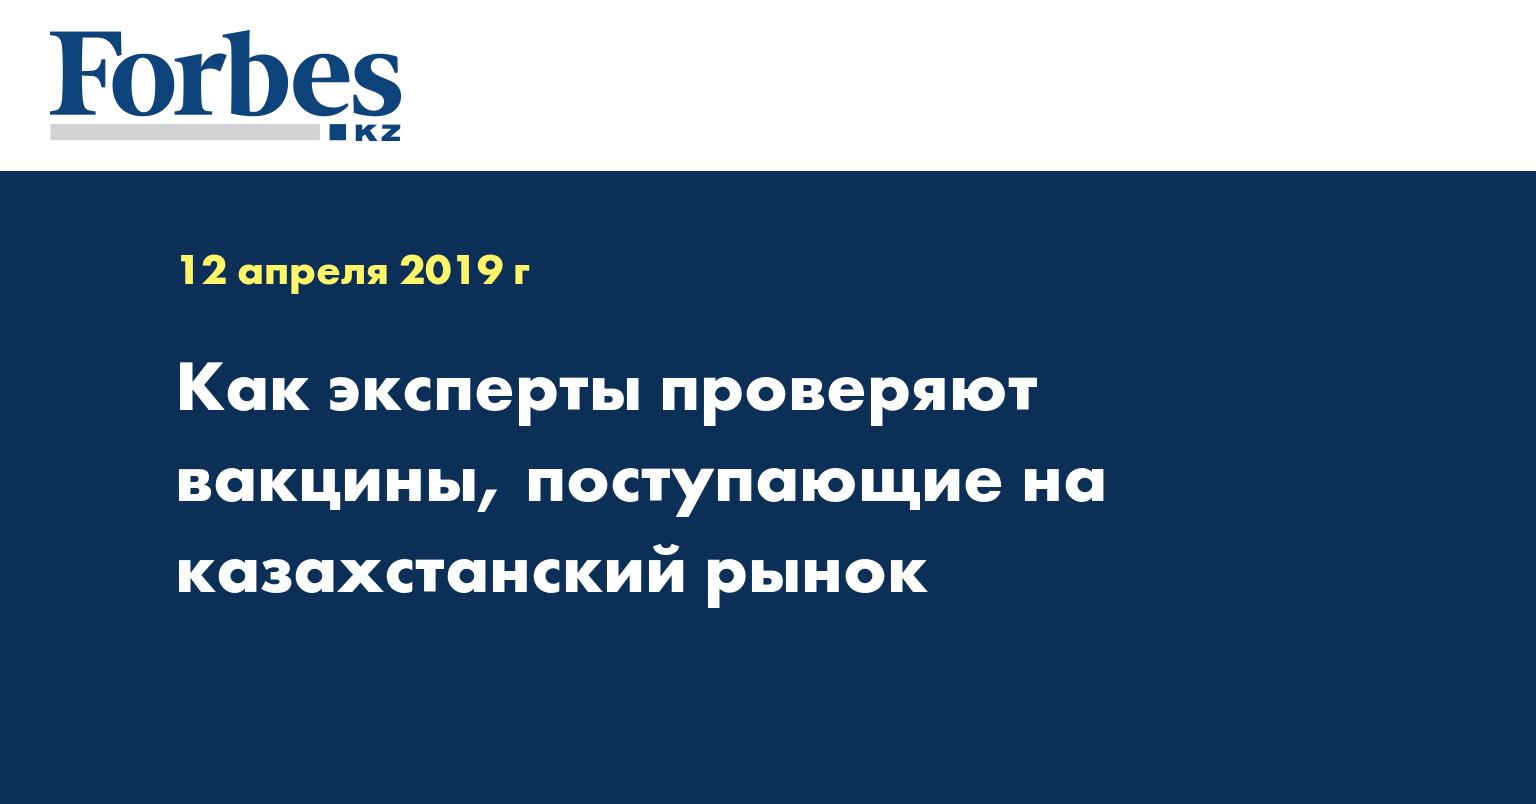 Как эксперты проверяют вакцины, поступающие на казахстанский рынок